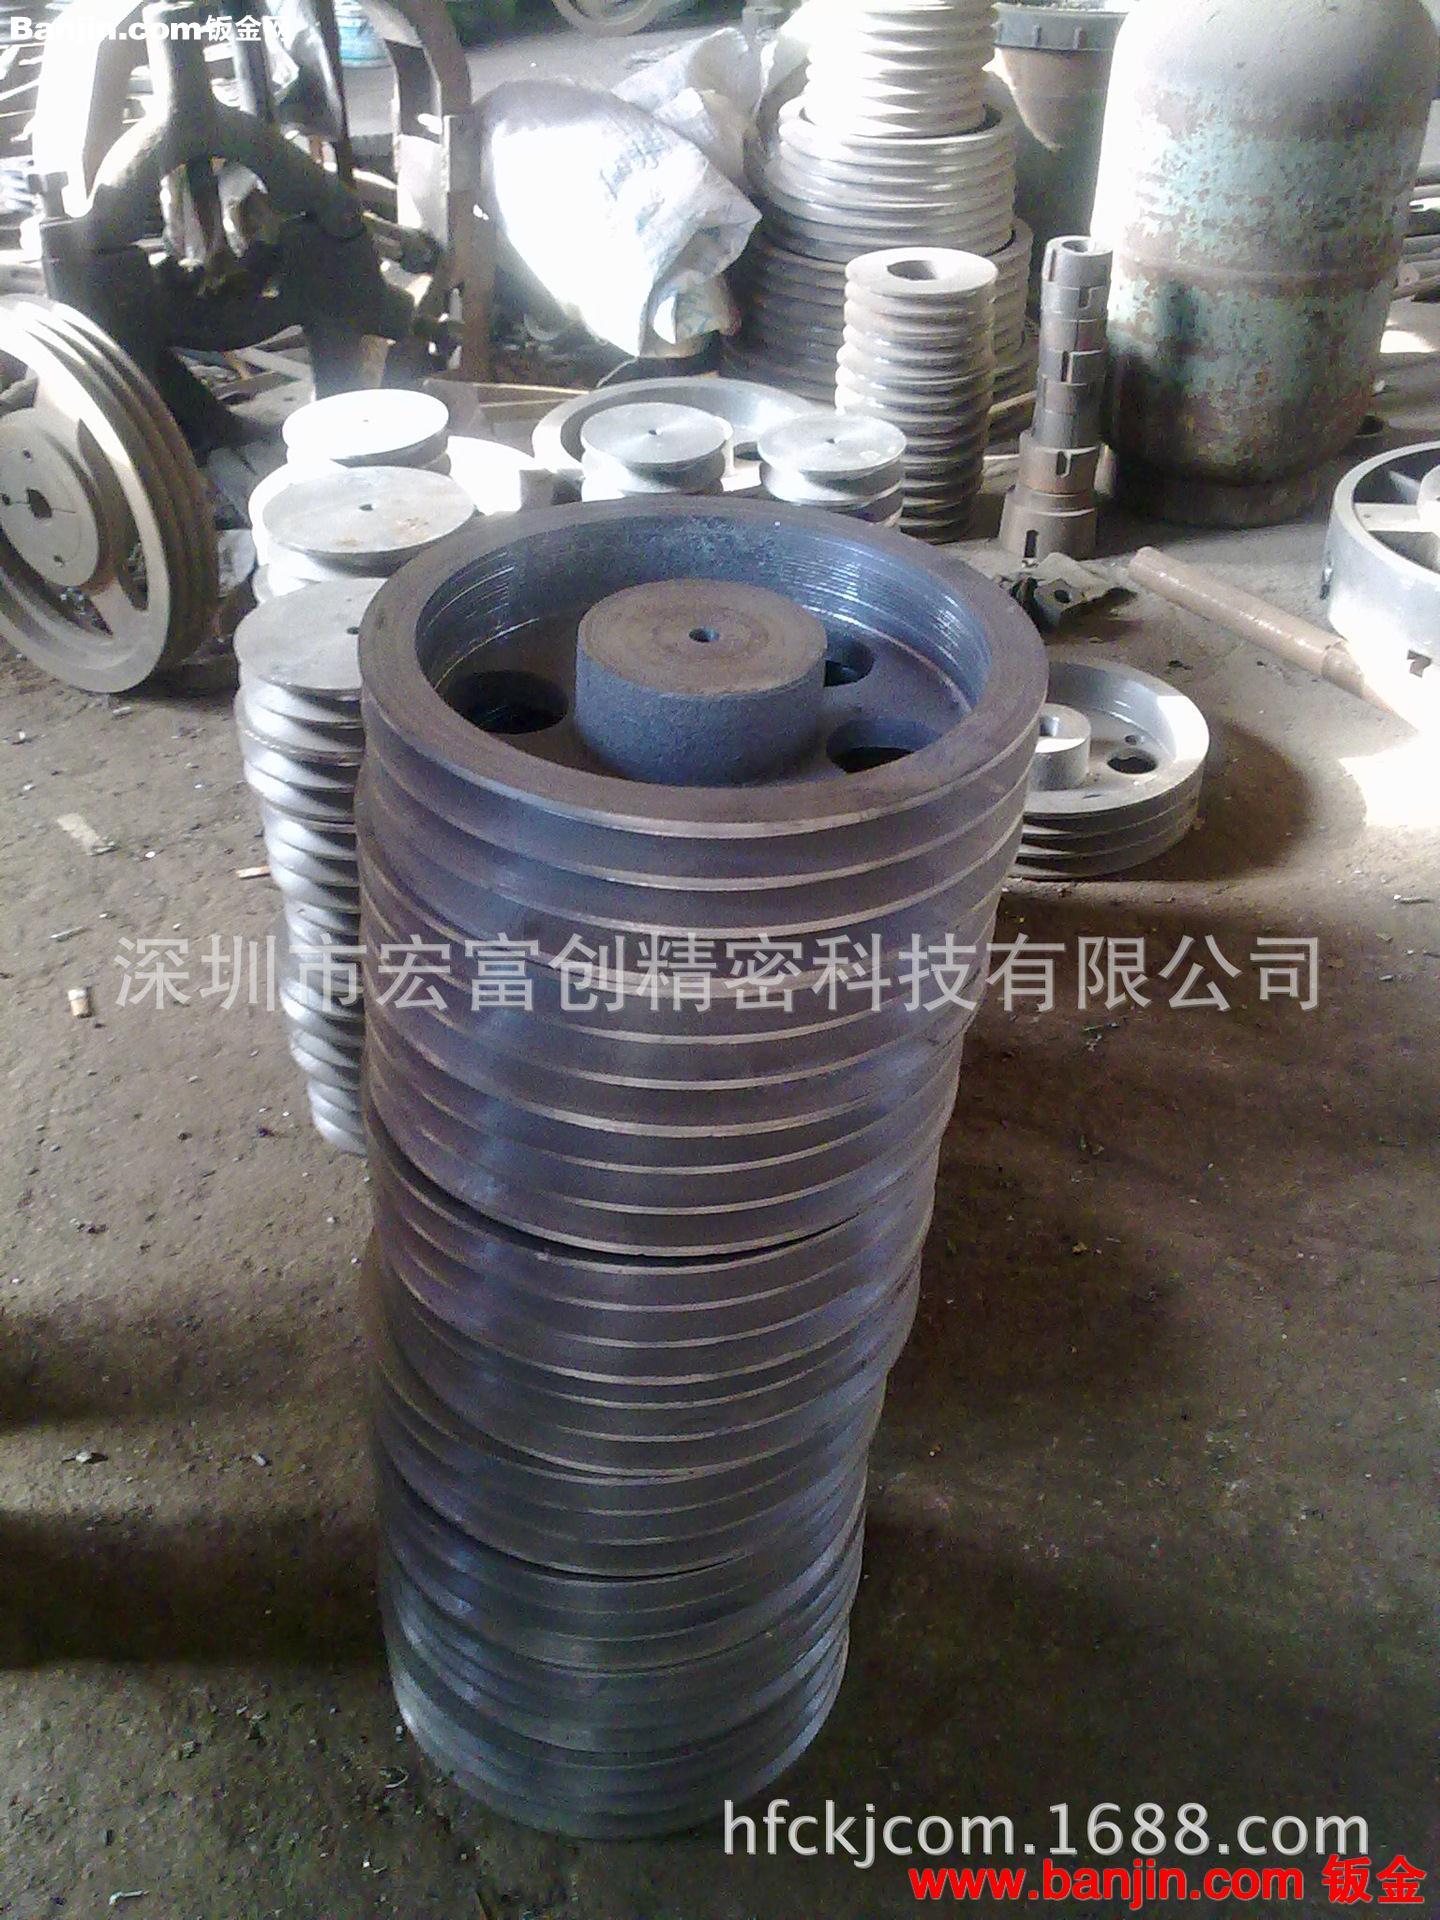 龙岗宝安内圆磨机加工厂 内圆磨/轴承精密加工 非标机械加工